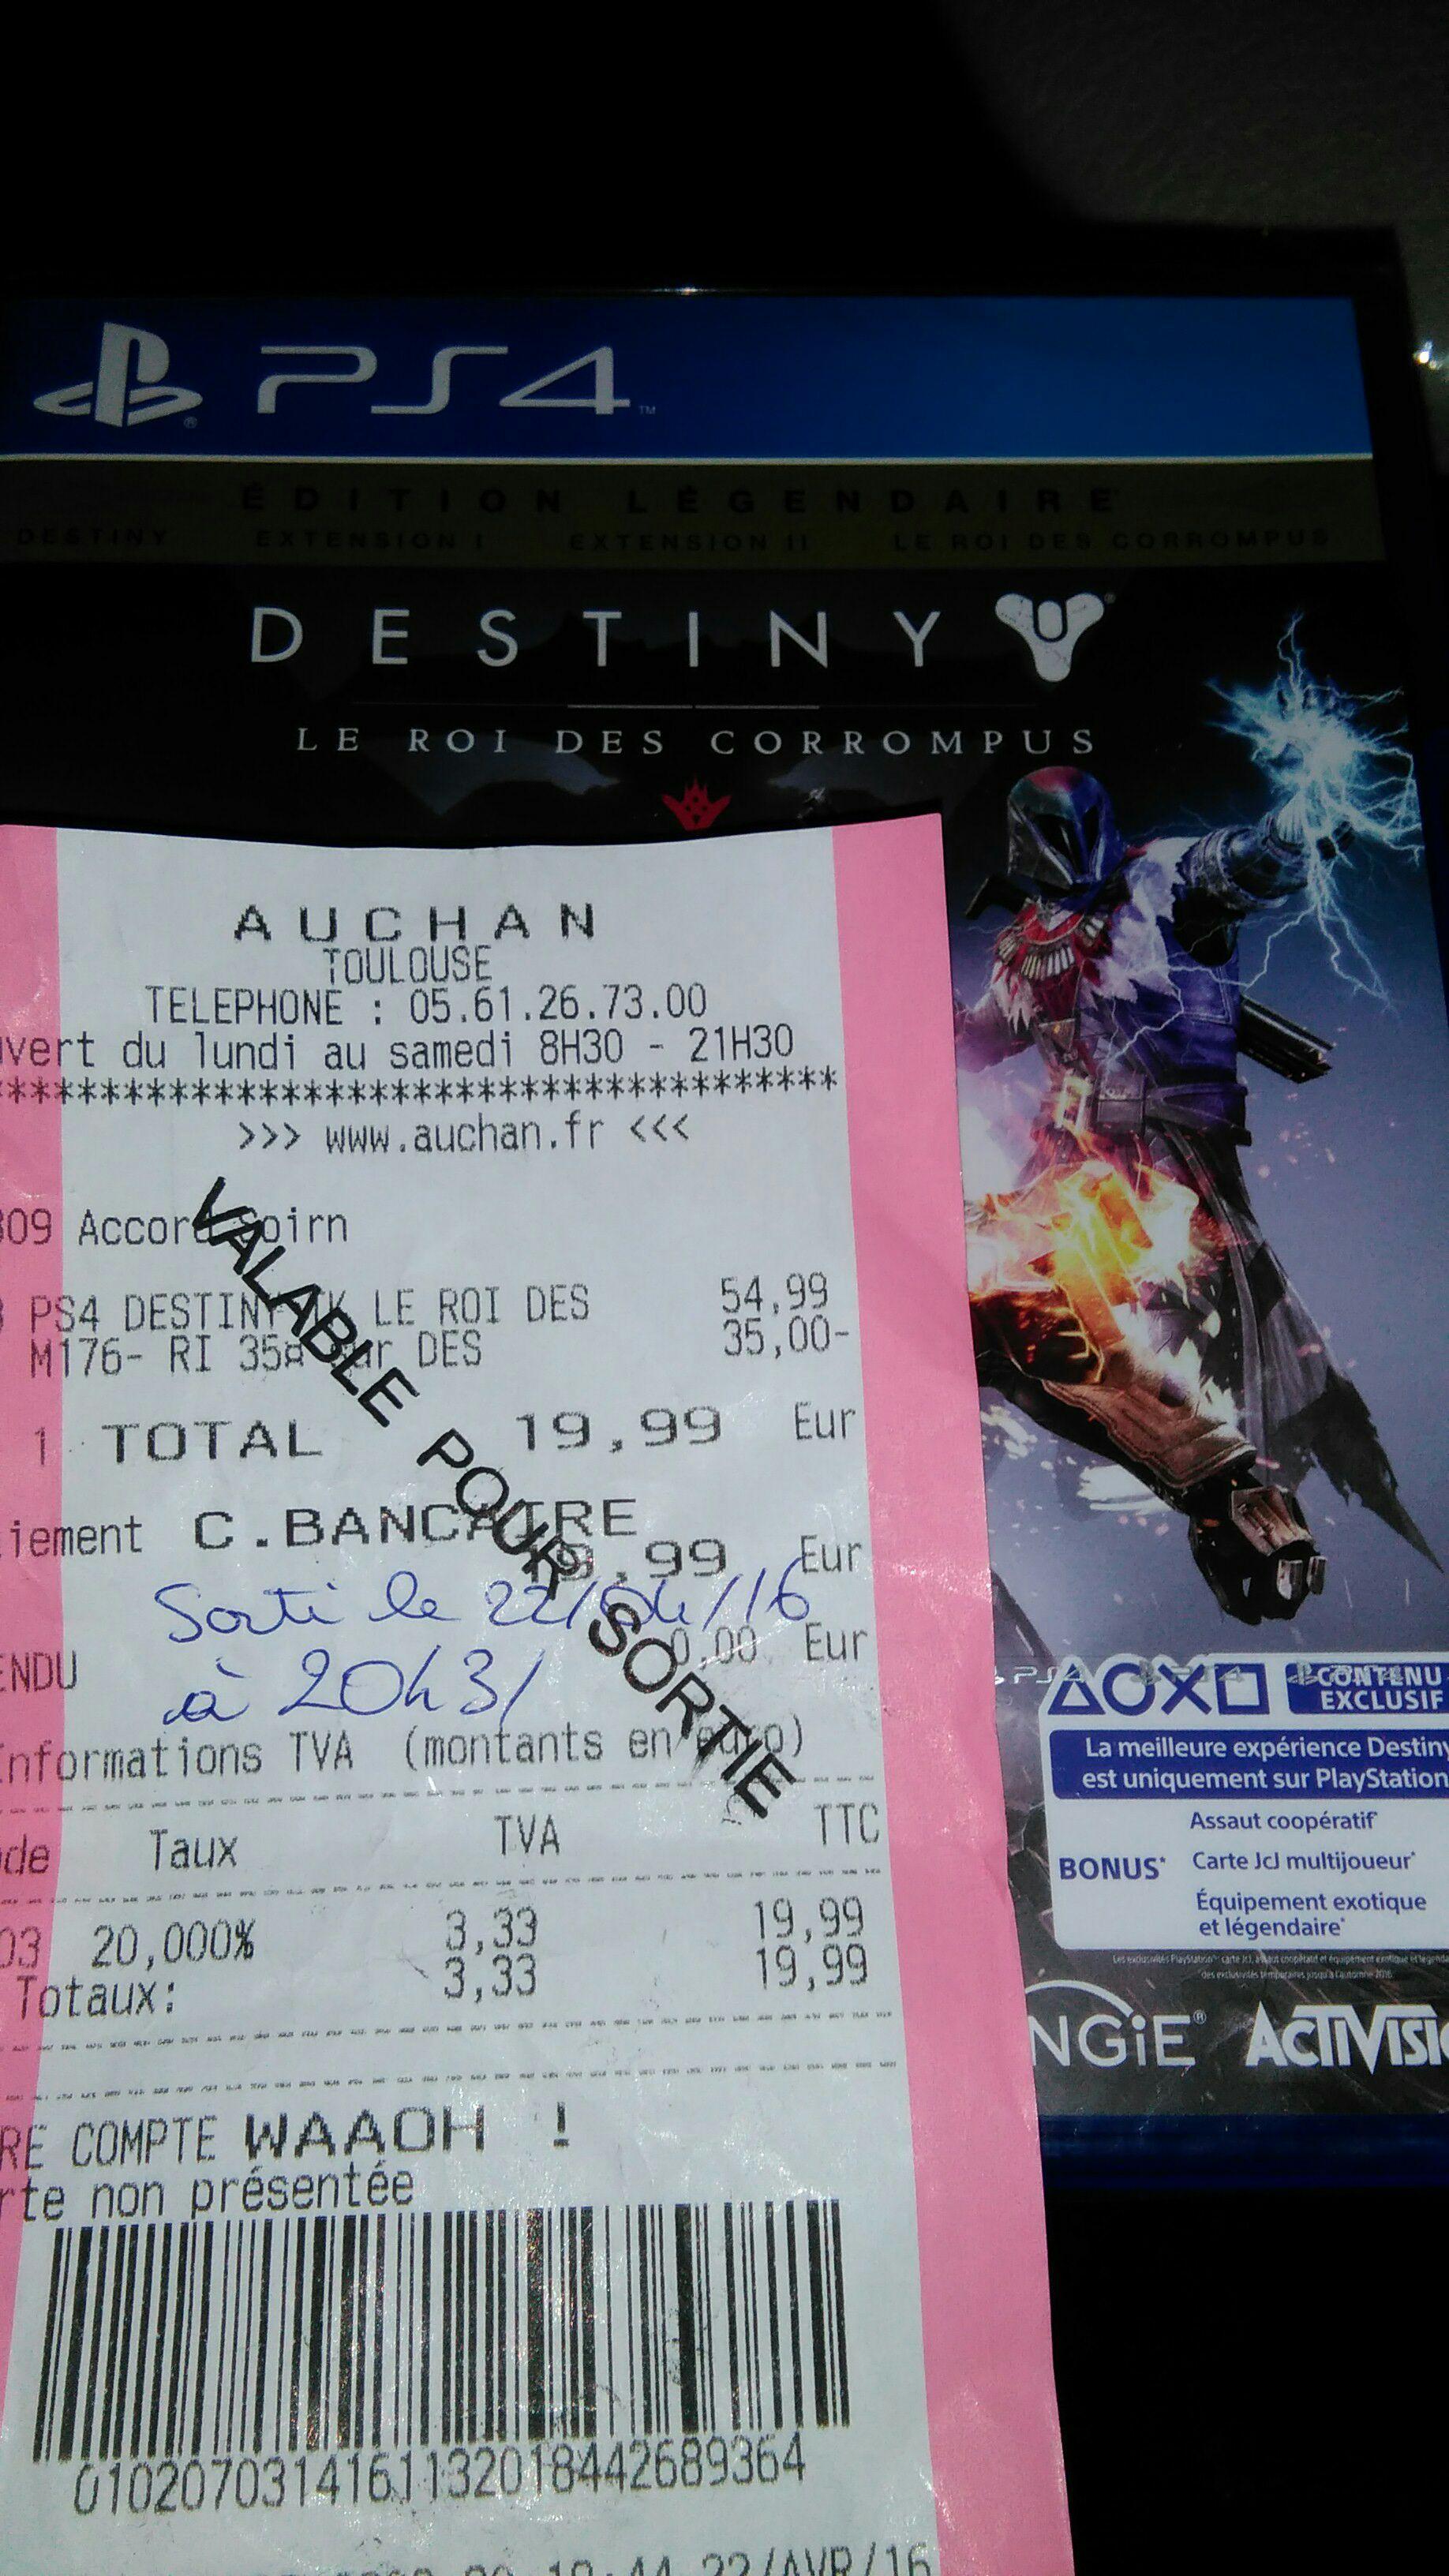 Destiny : Le roi des corrompus sur PS4